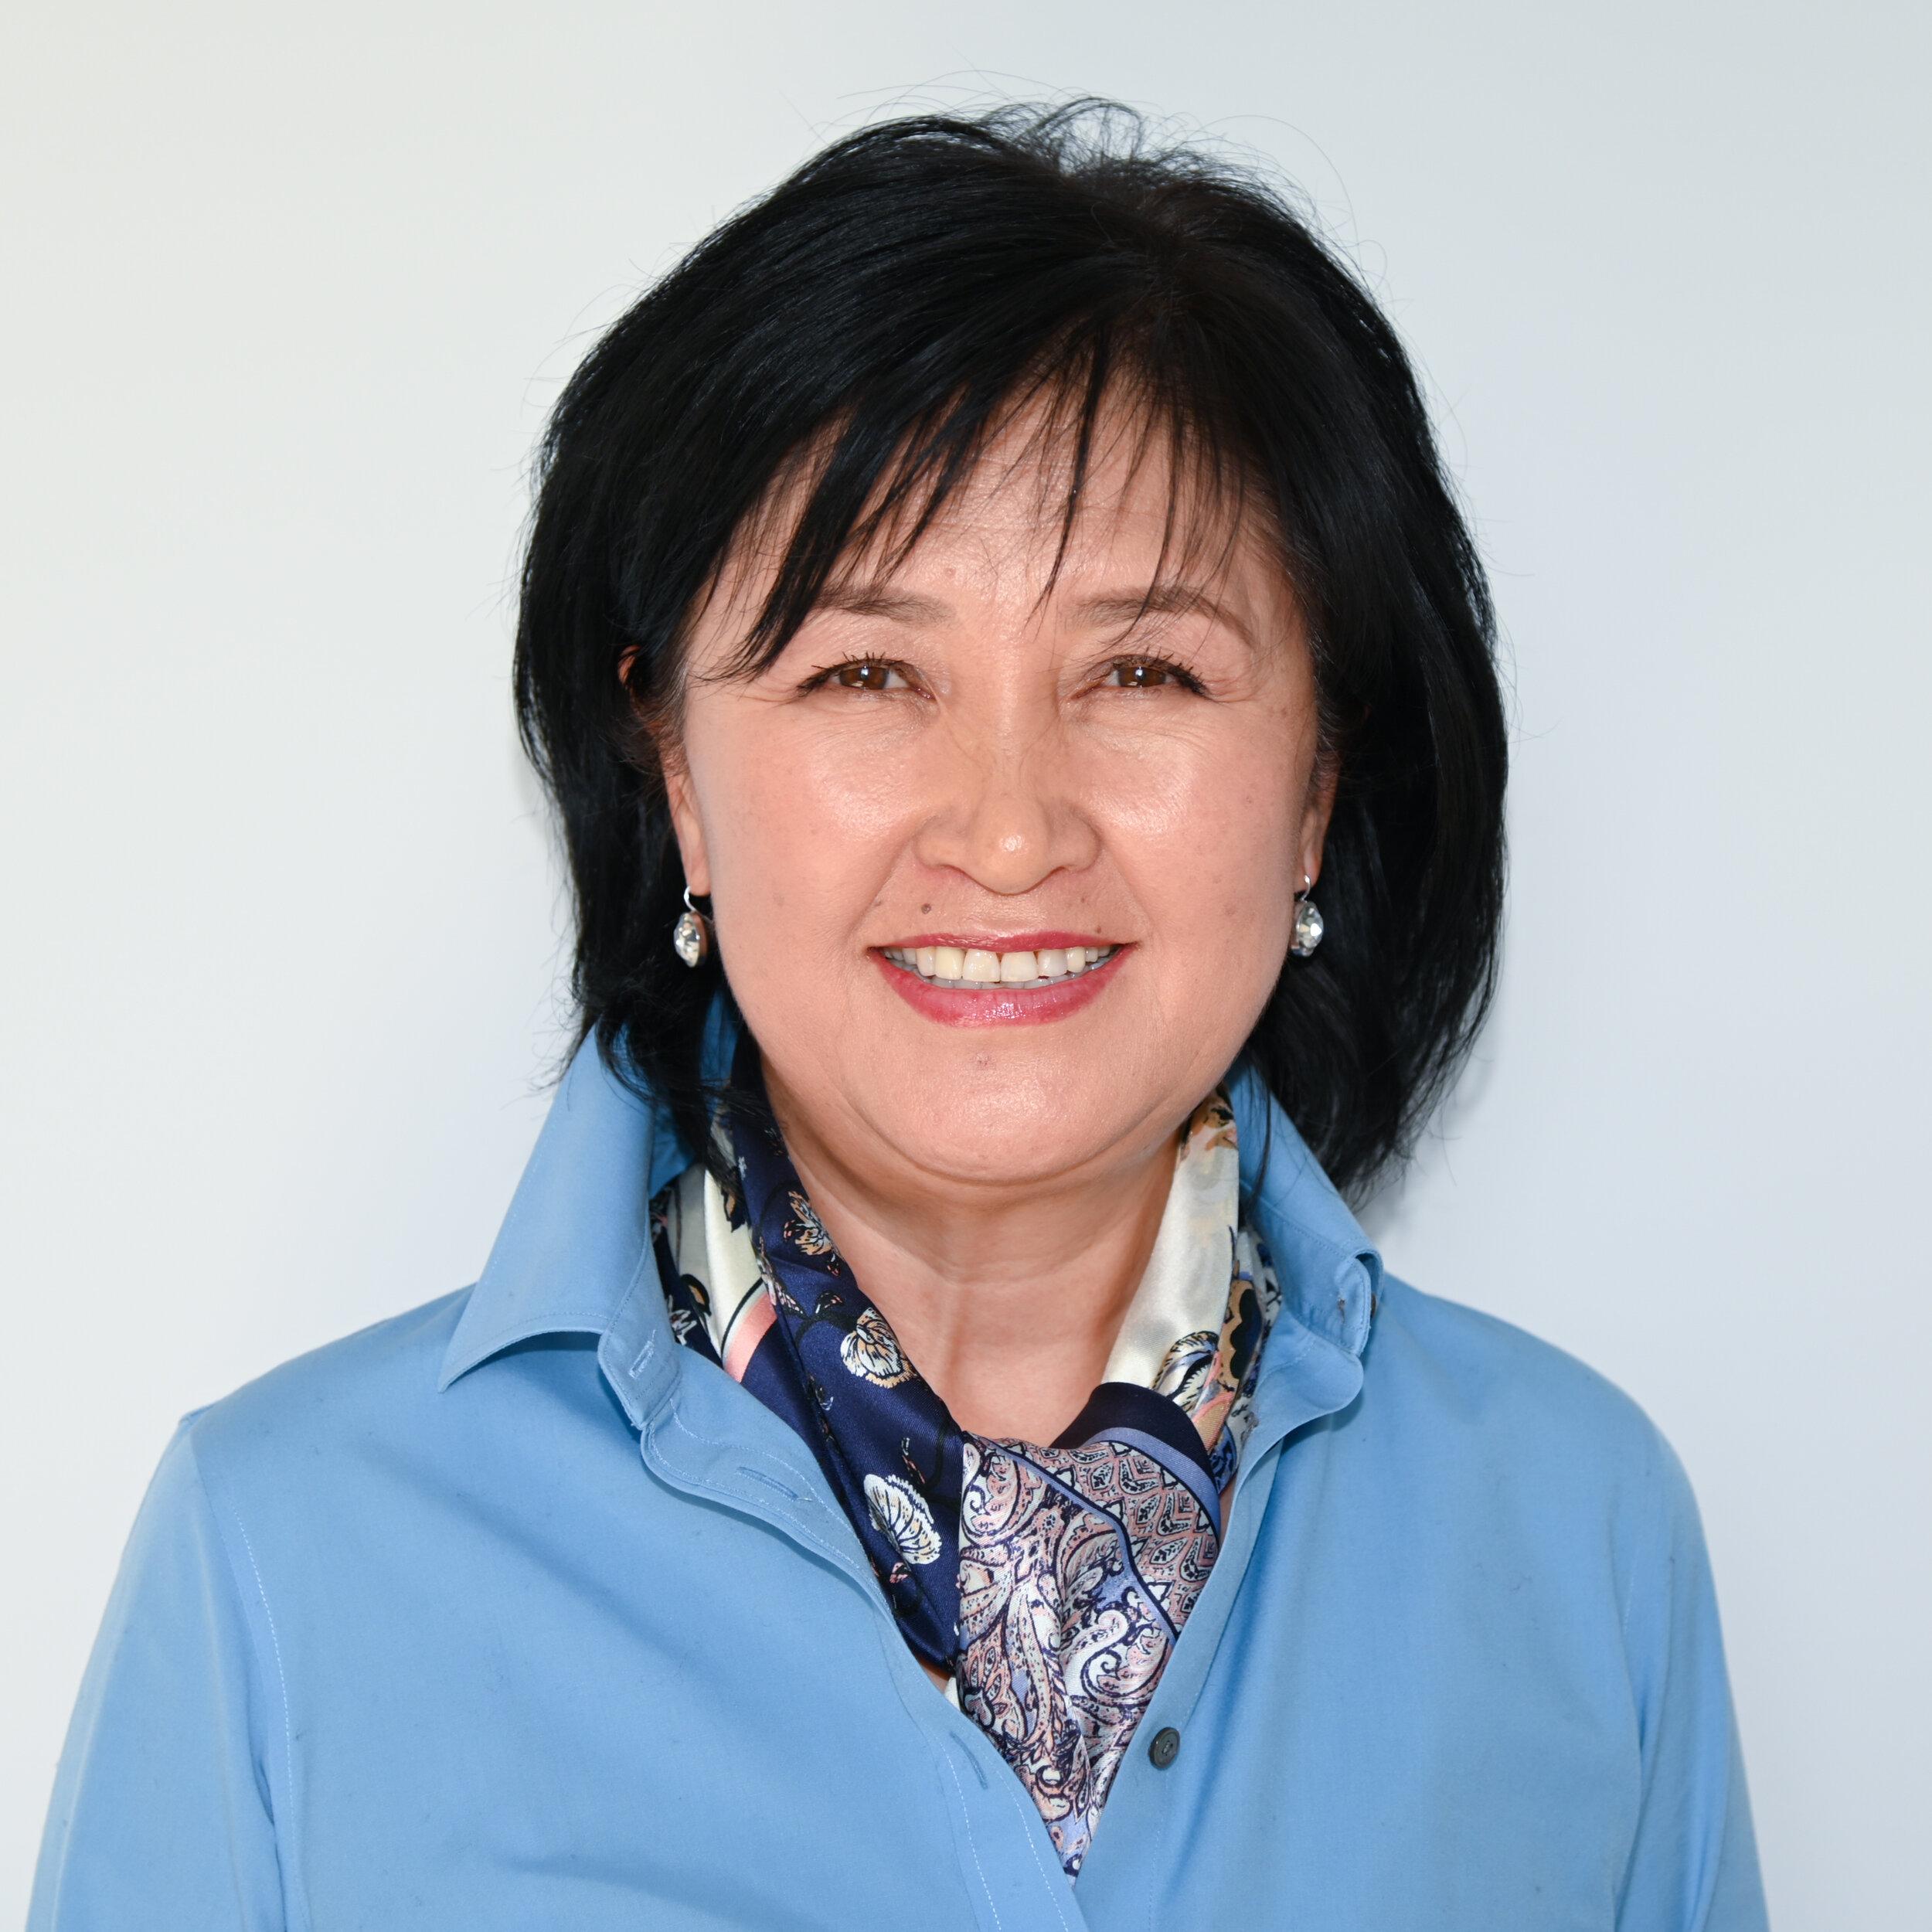 Aynoor Amanbek财务教练